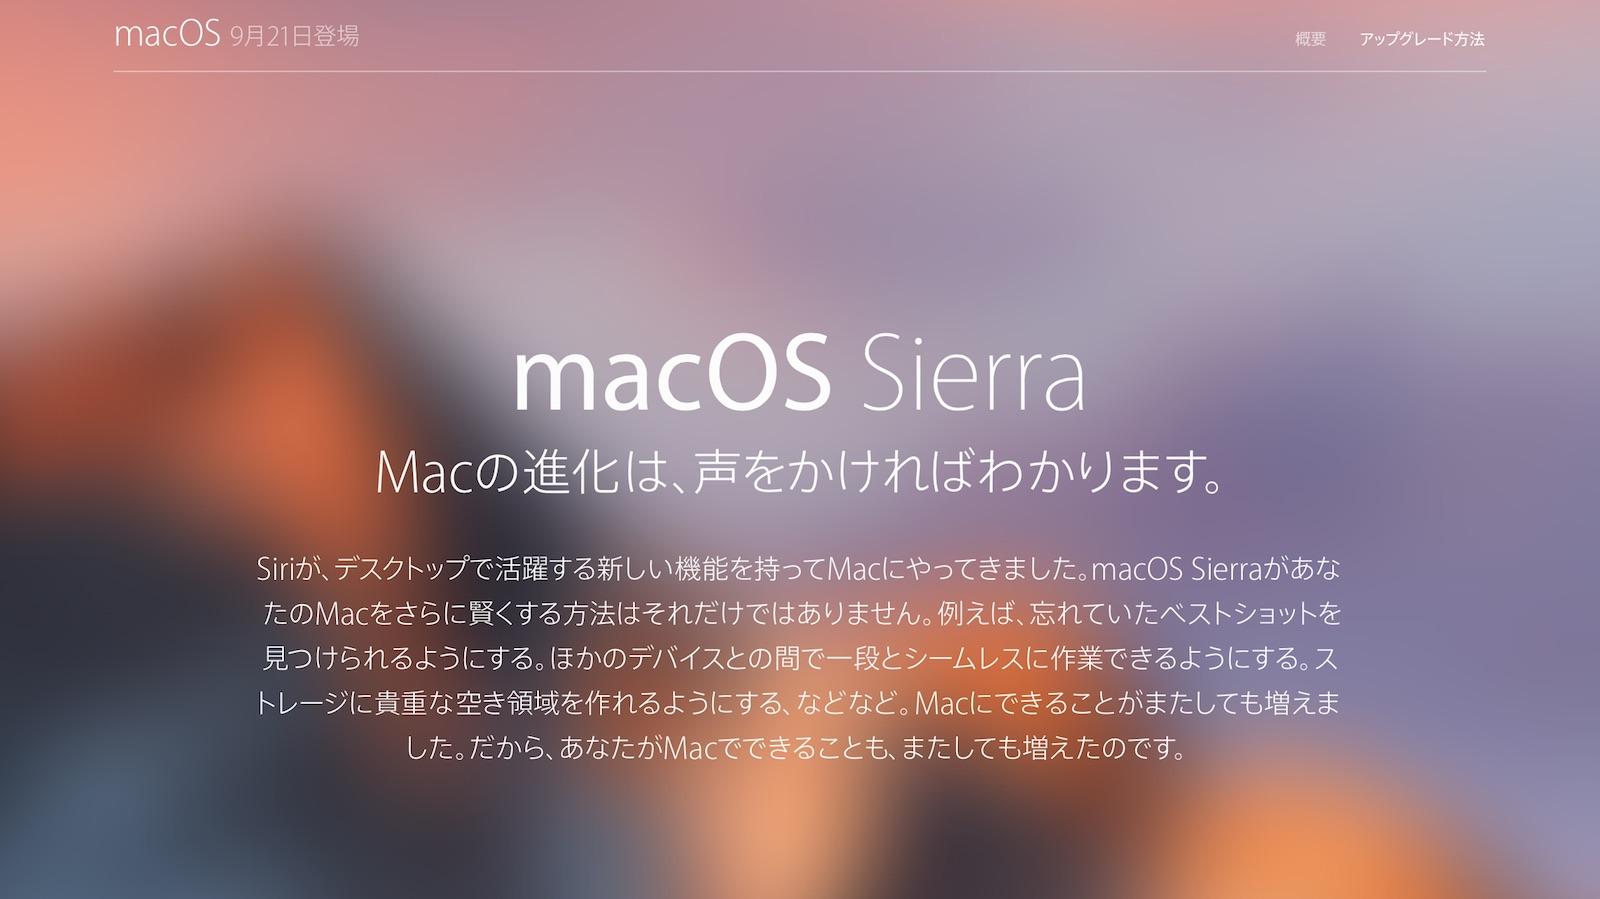 macOS Sierra リリース